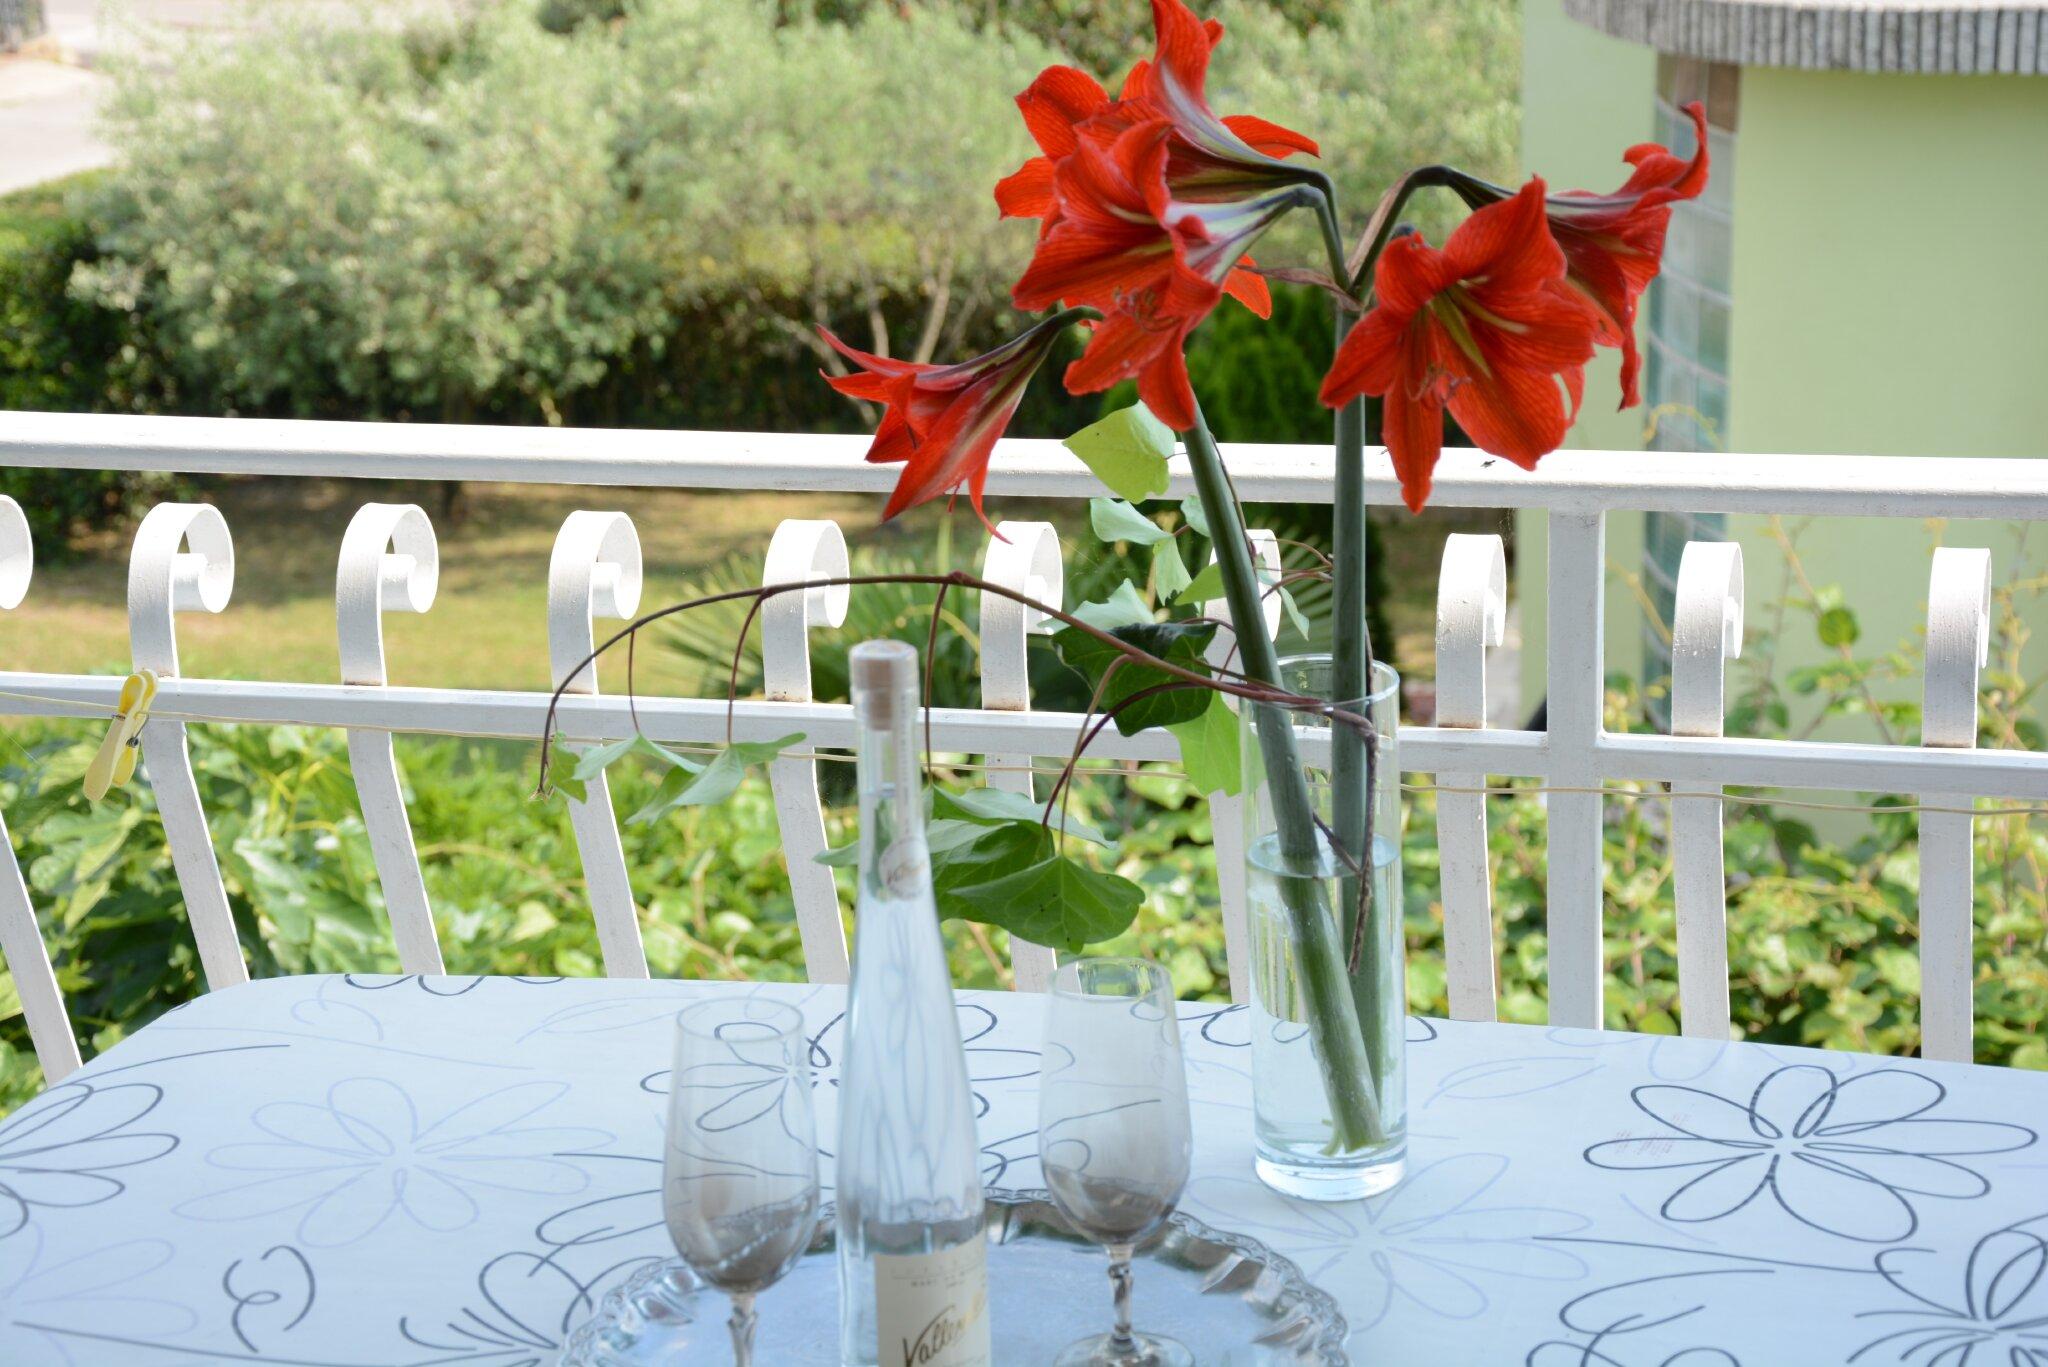 Garten vor Haus